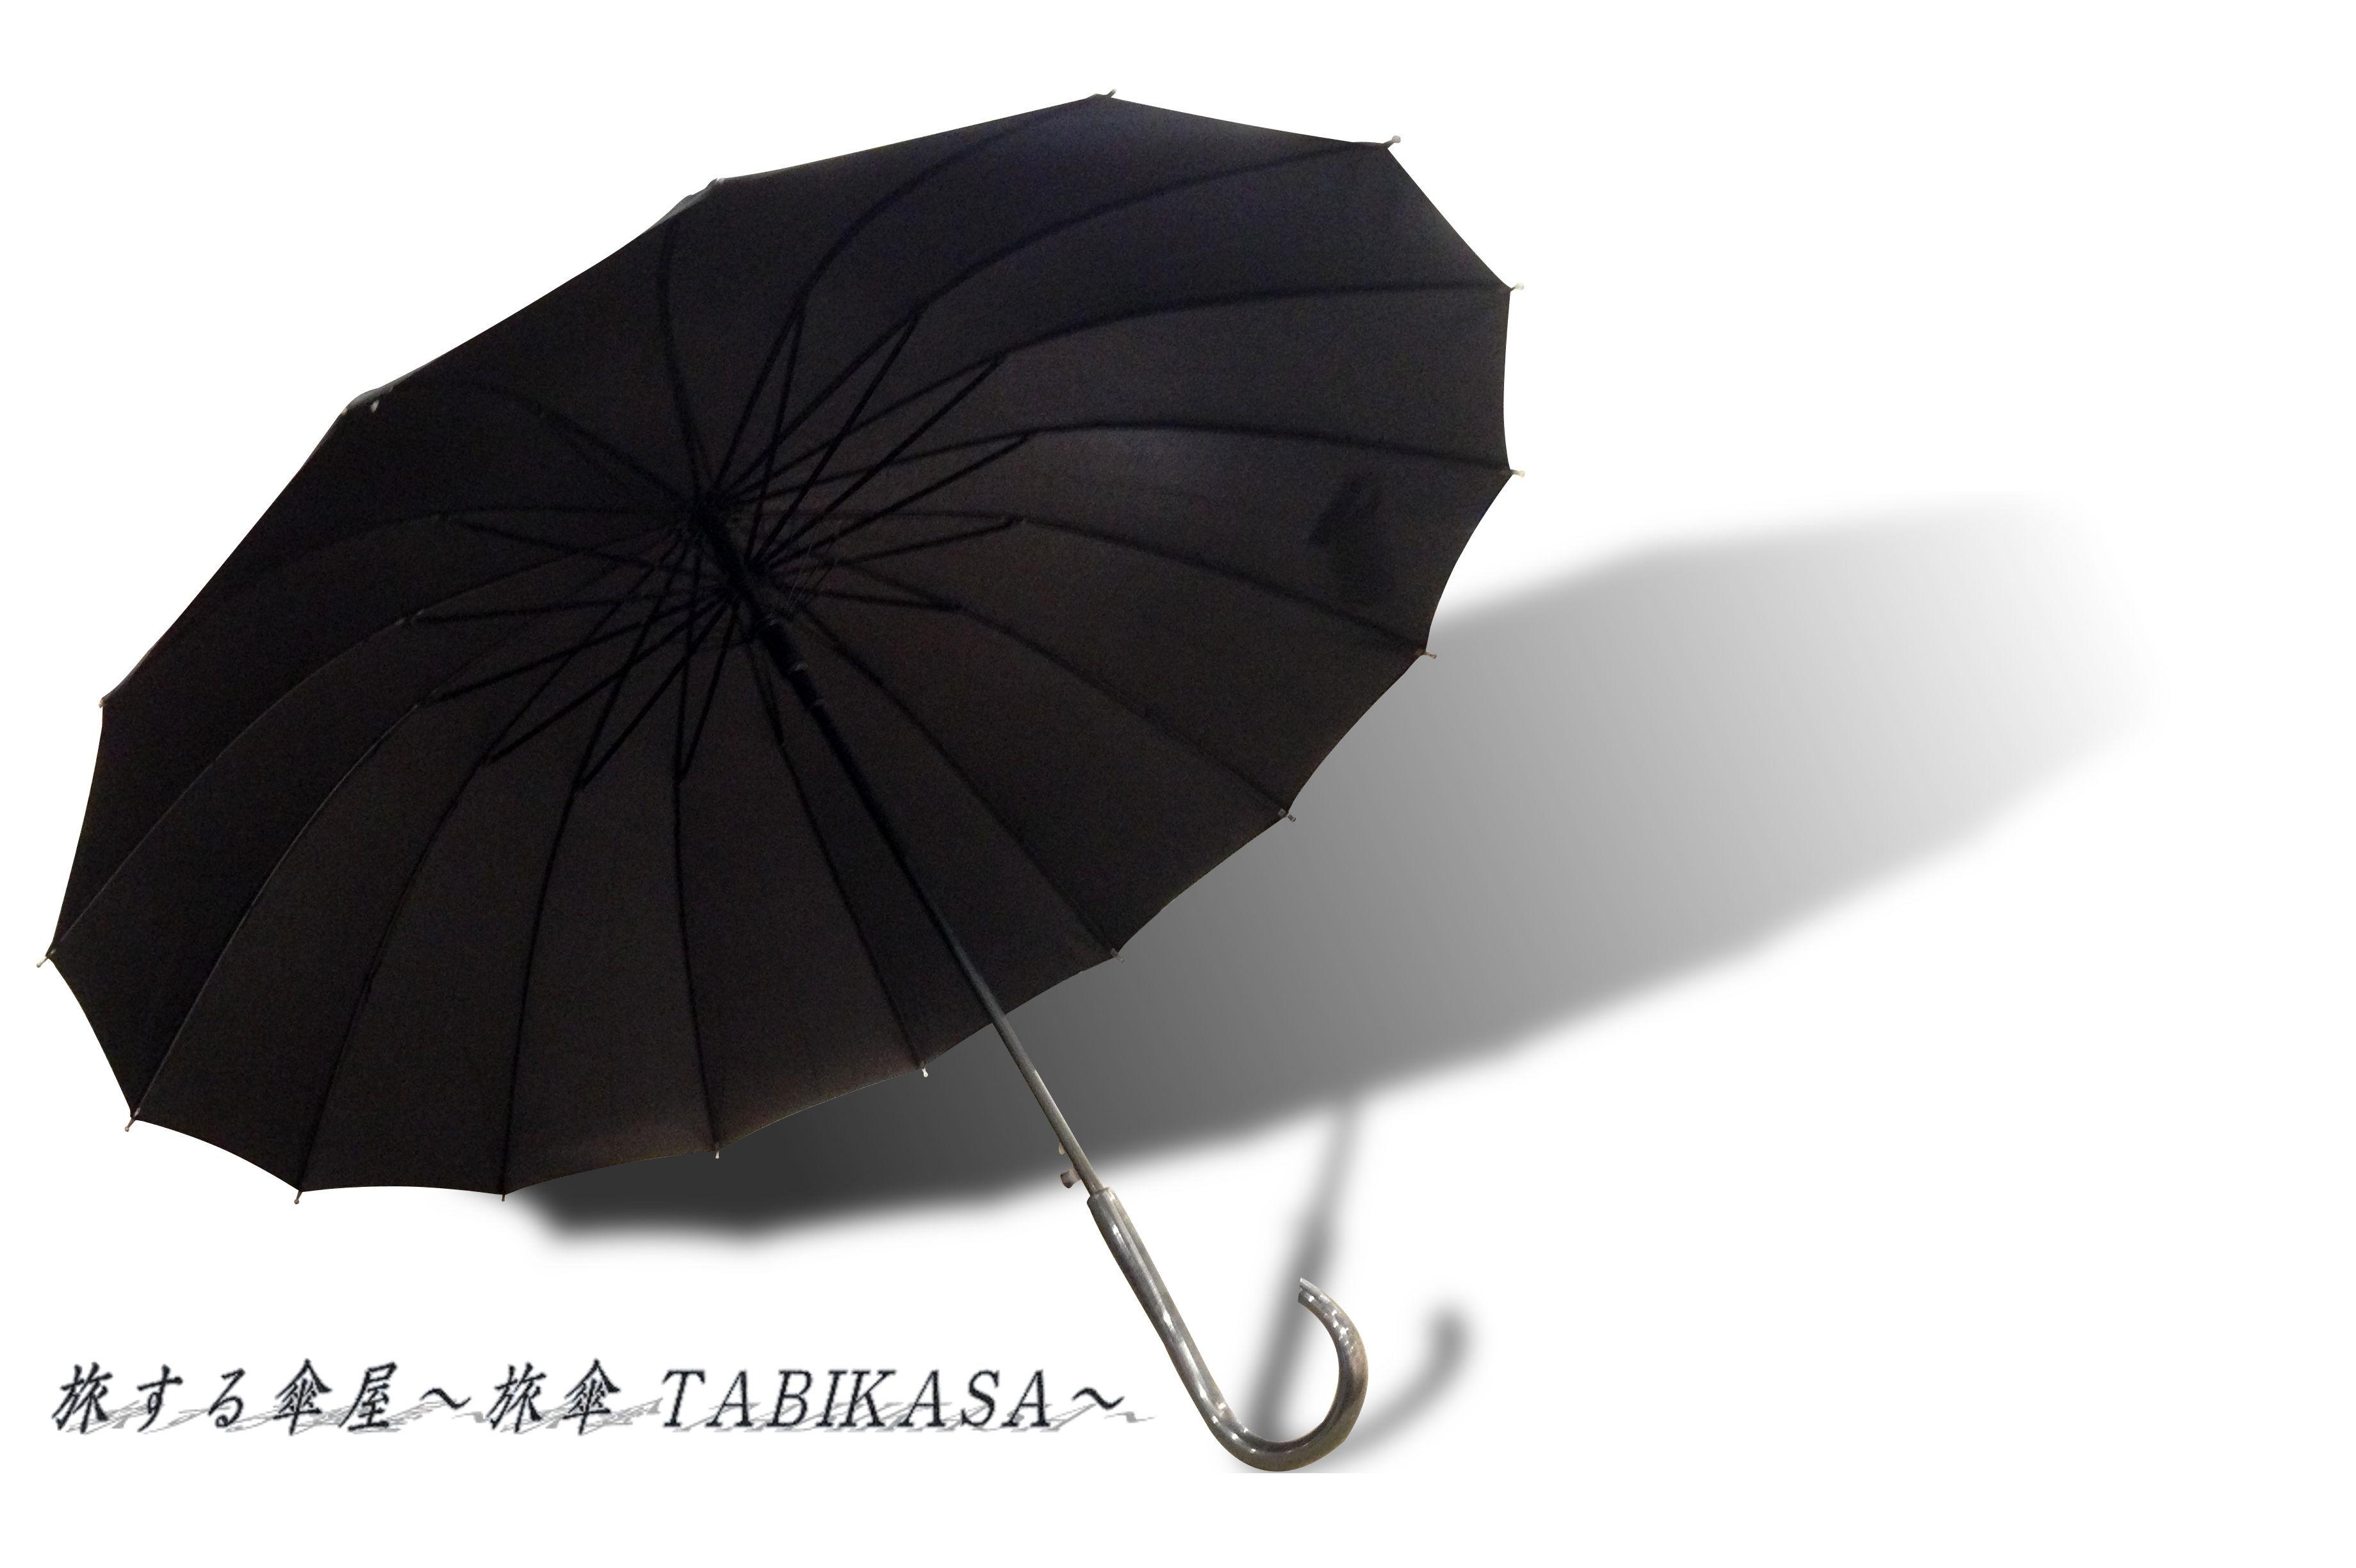 旅傘といえば 傘専門店  通販  東京  雨傘  ワンタッチ  ジャンプ  グラスファイバー  サビない  旅傘  【16本骨  無地  Black 】